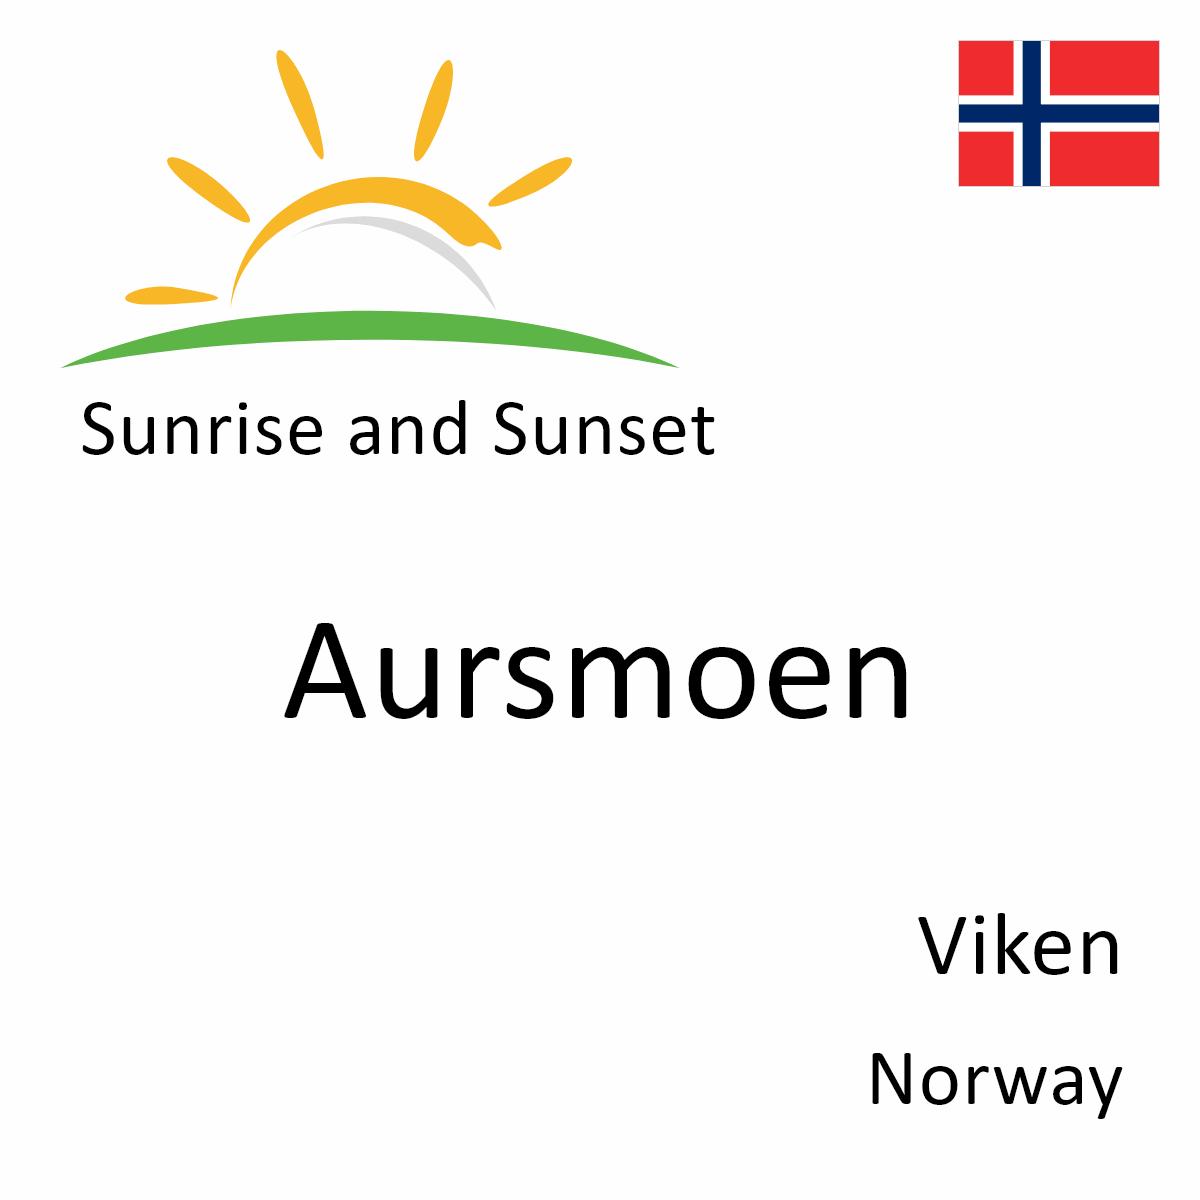 aursmoen dating site